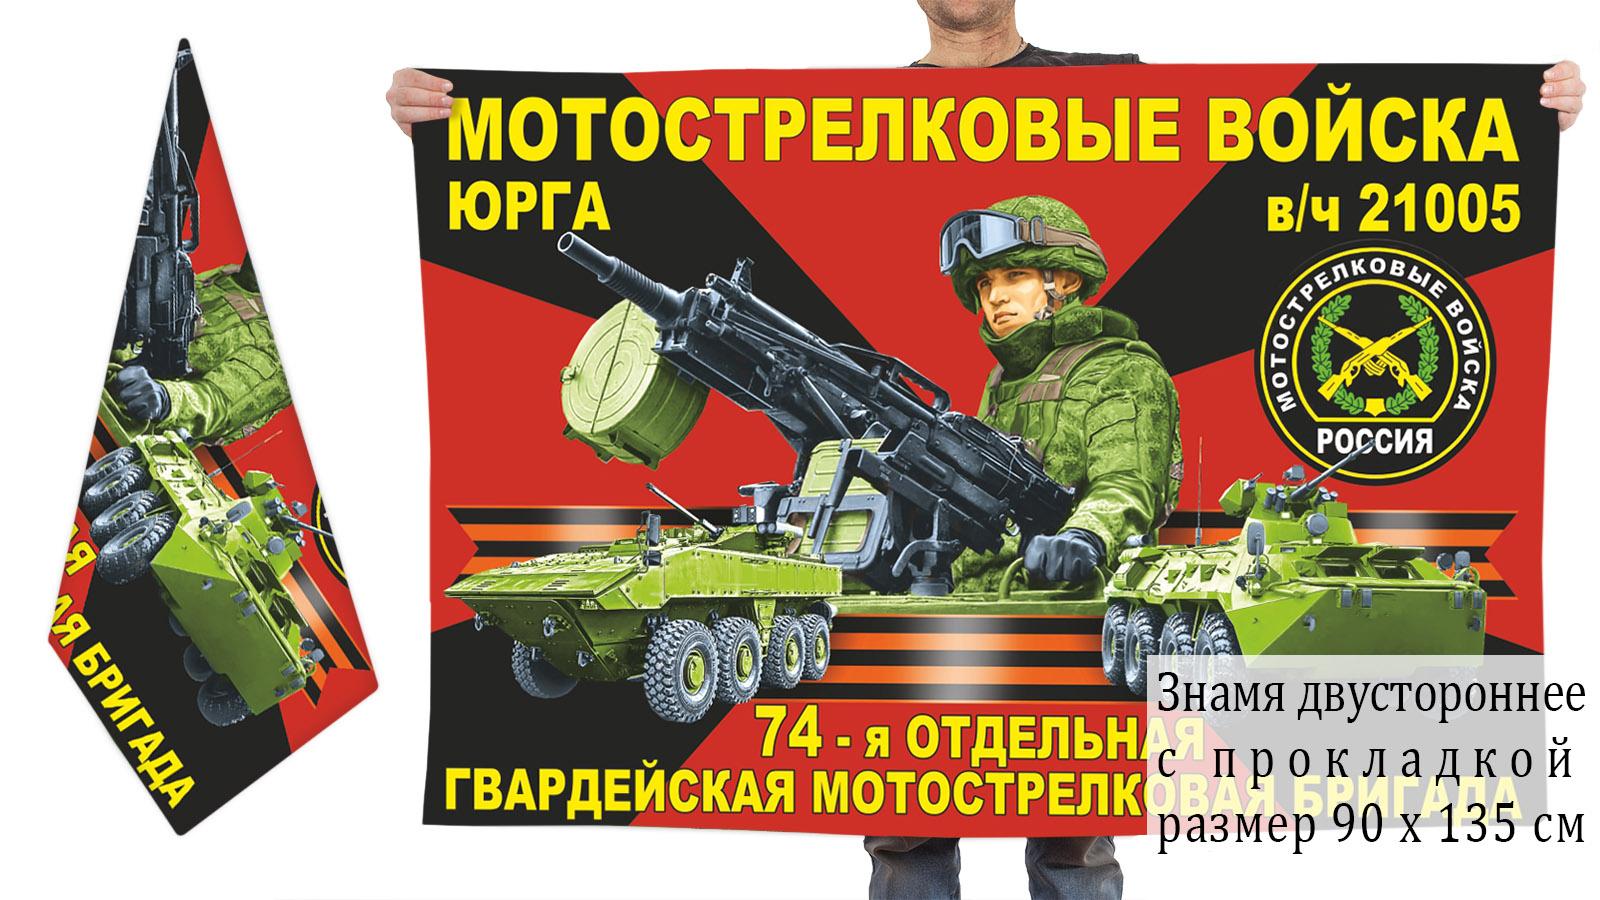 Двусторонний флаг 74 отдельной гвардейской бригады мотострелков